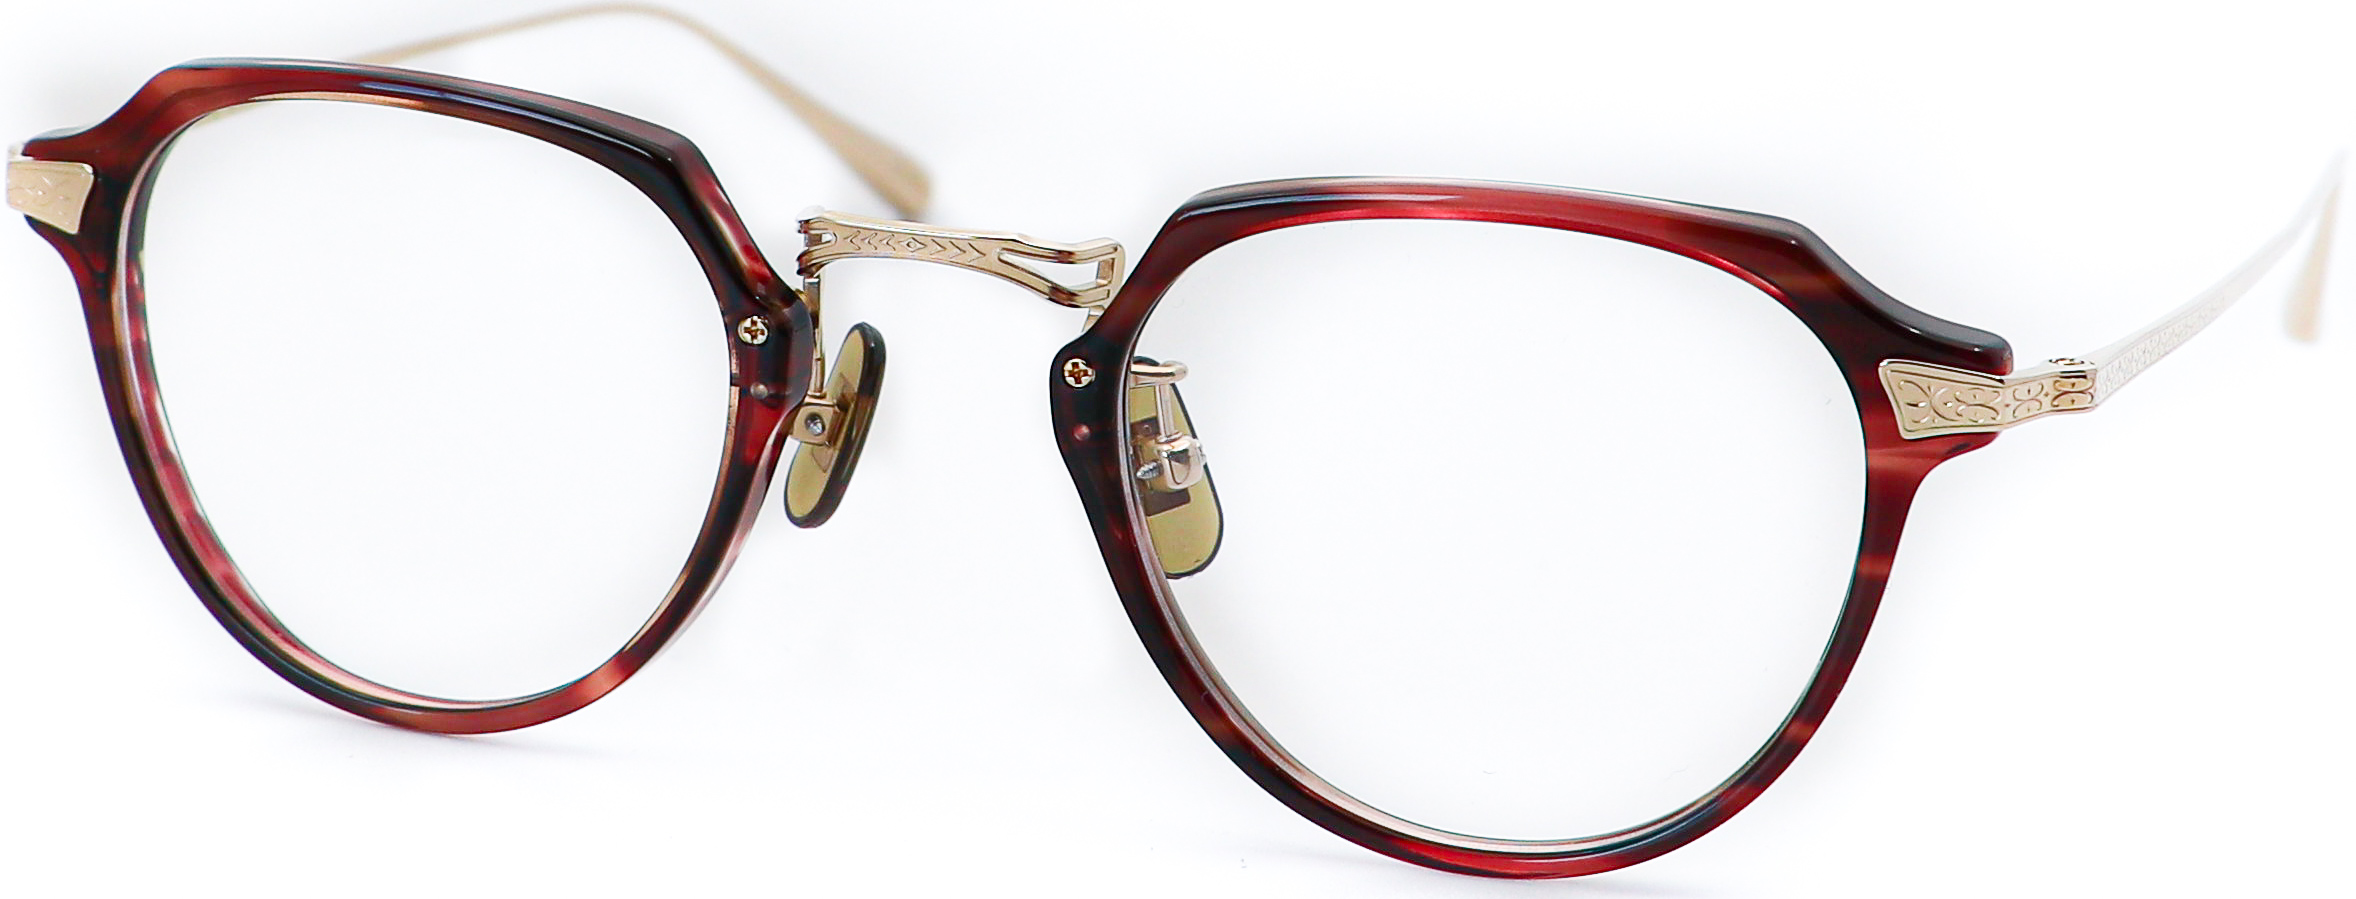 眼鏡のカラータイプC-3 Wine/Gold